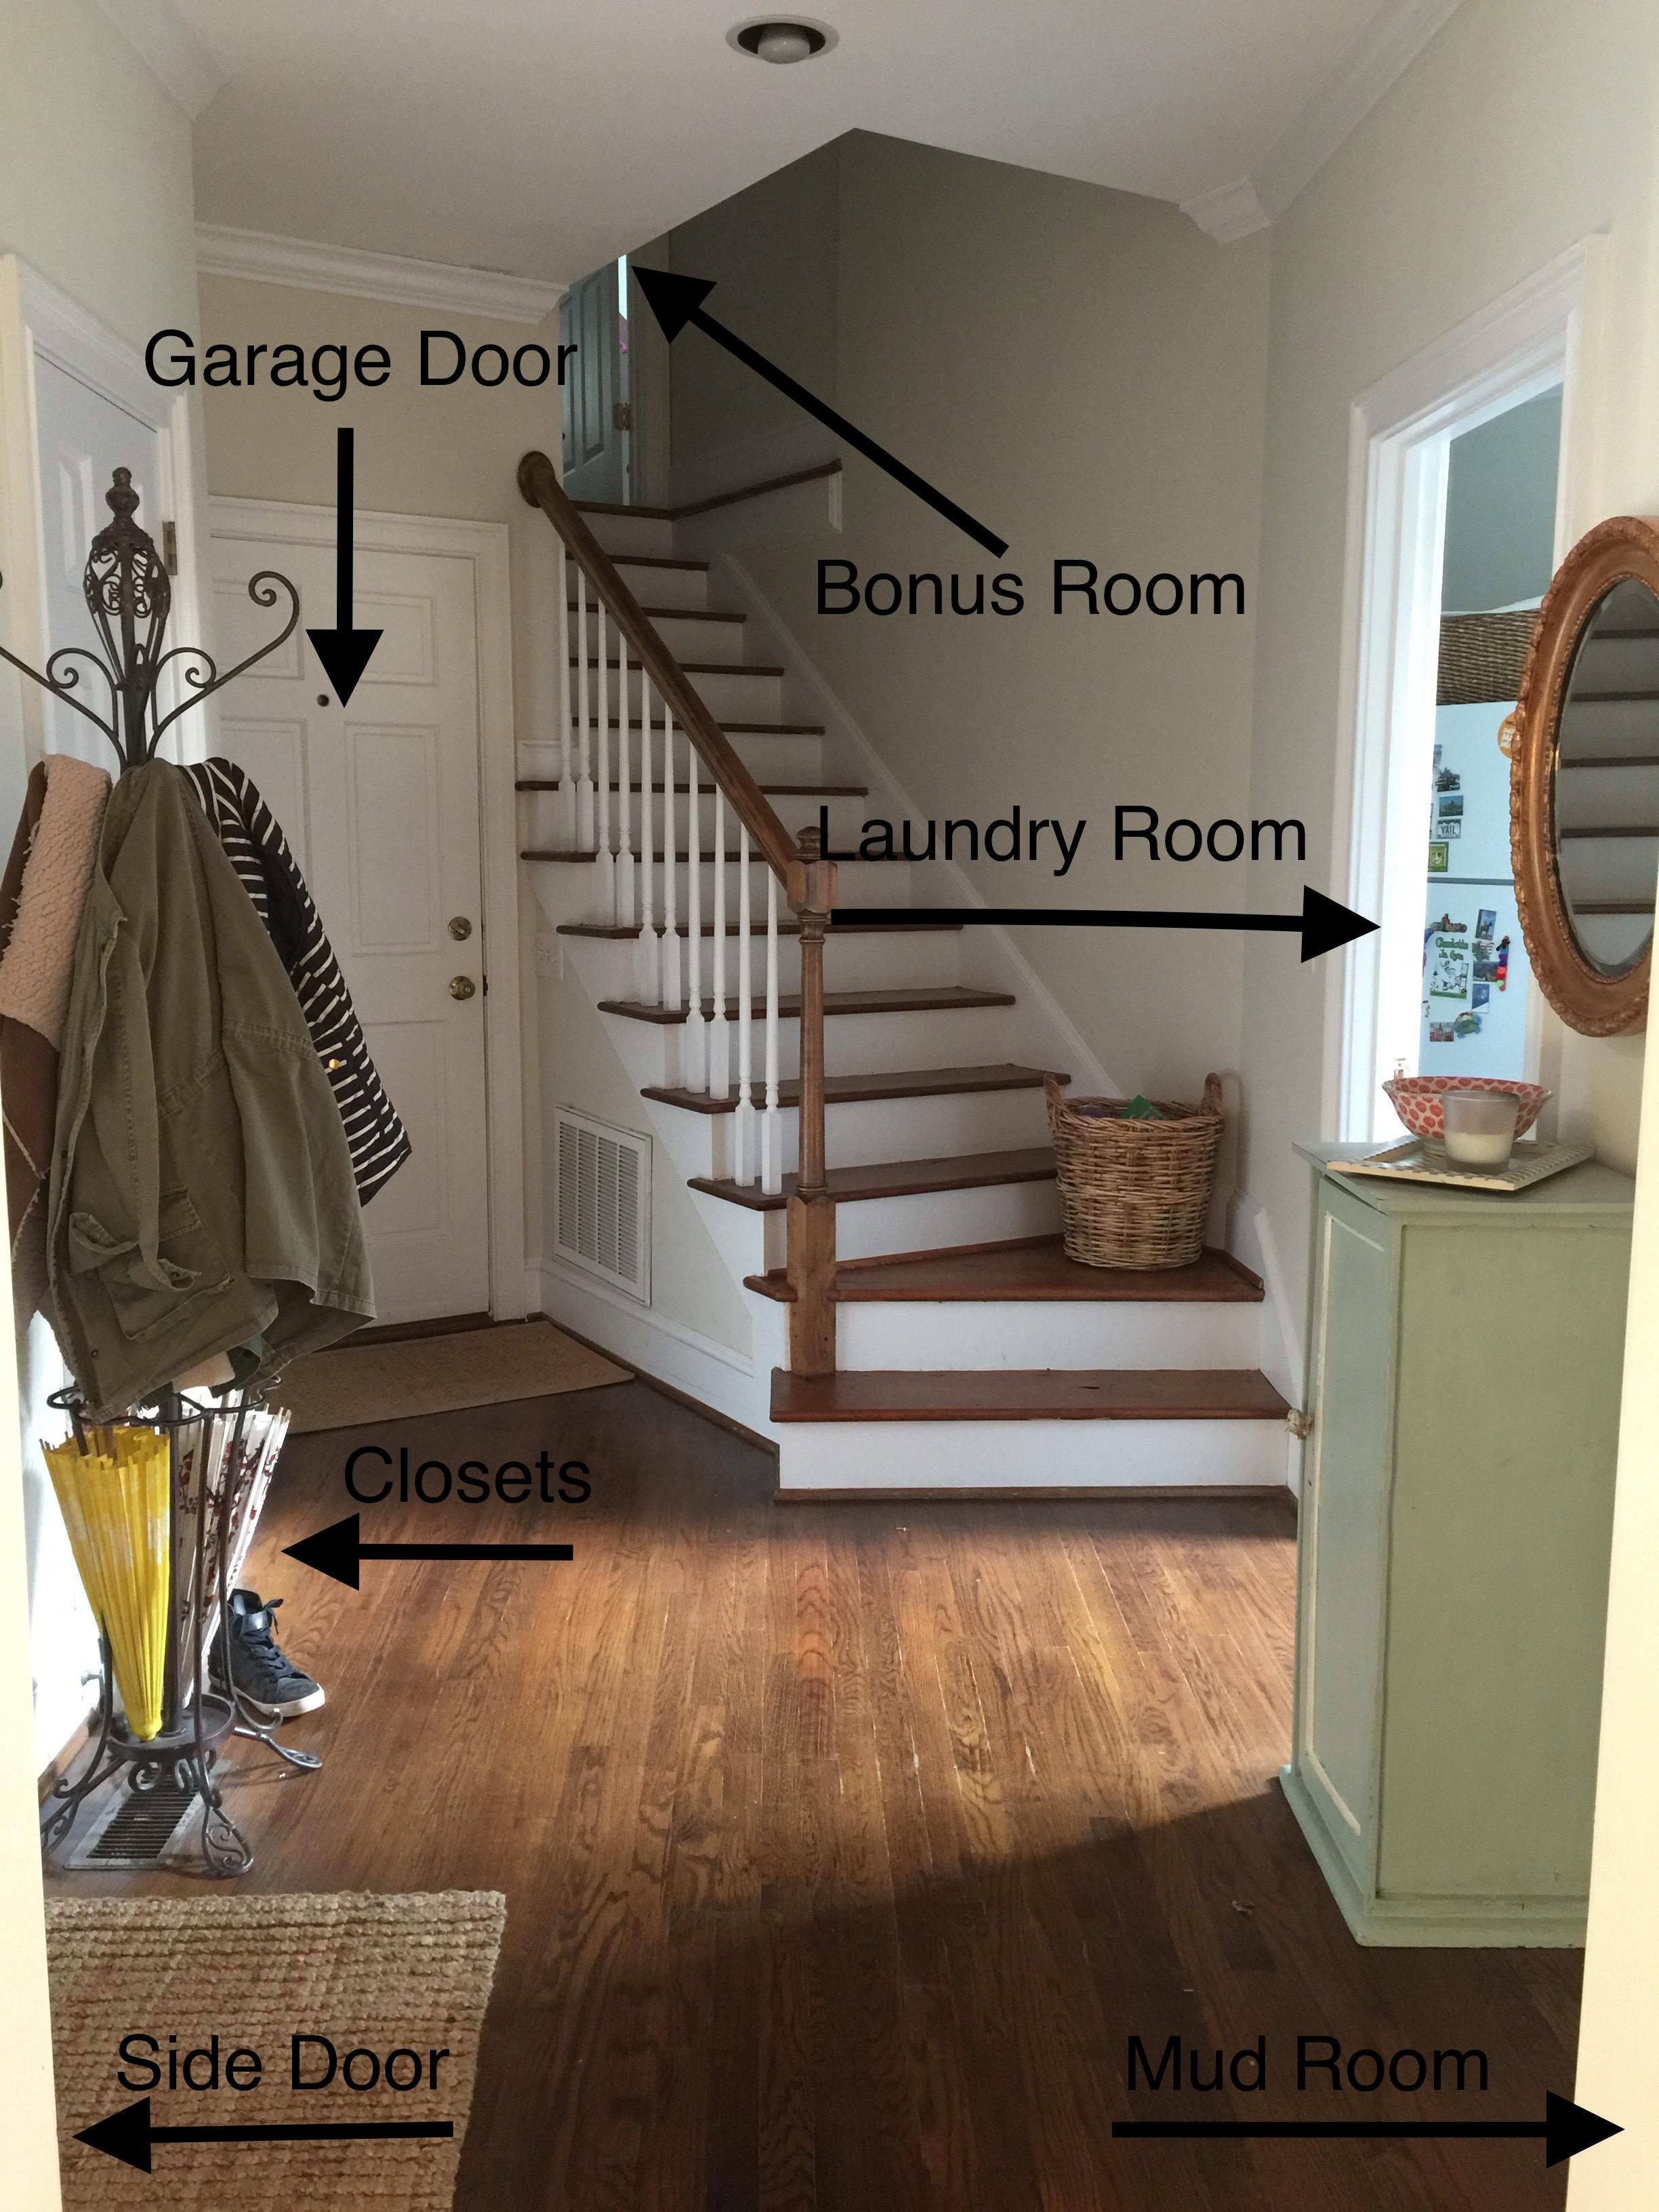 hallway of doors.jpg